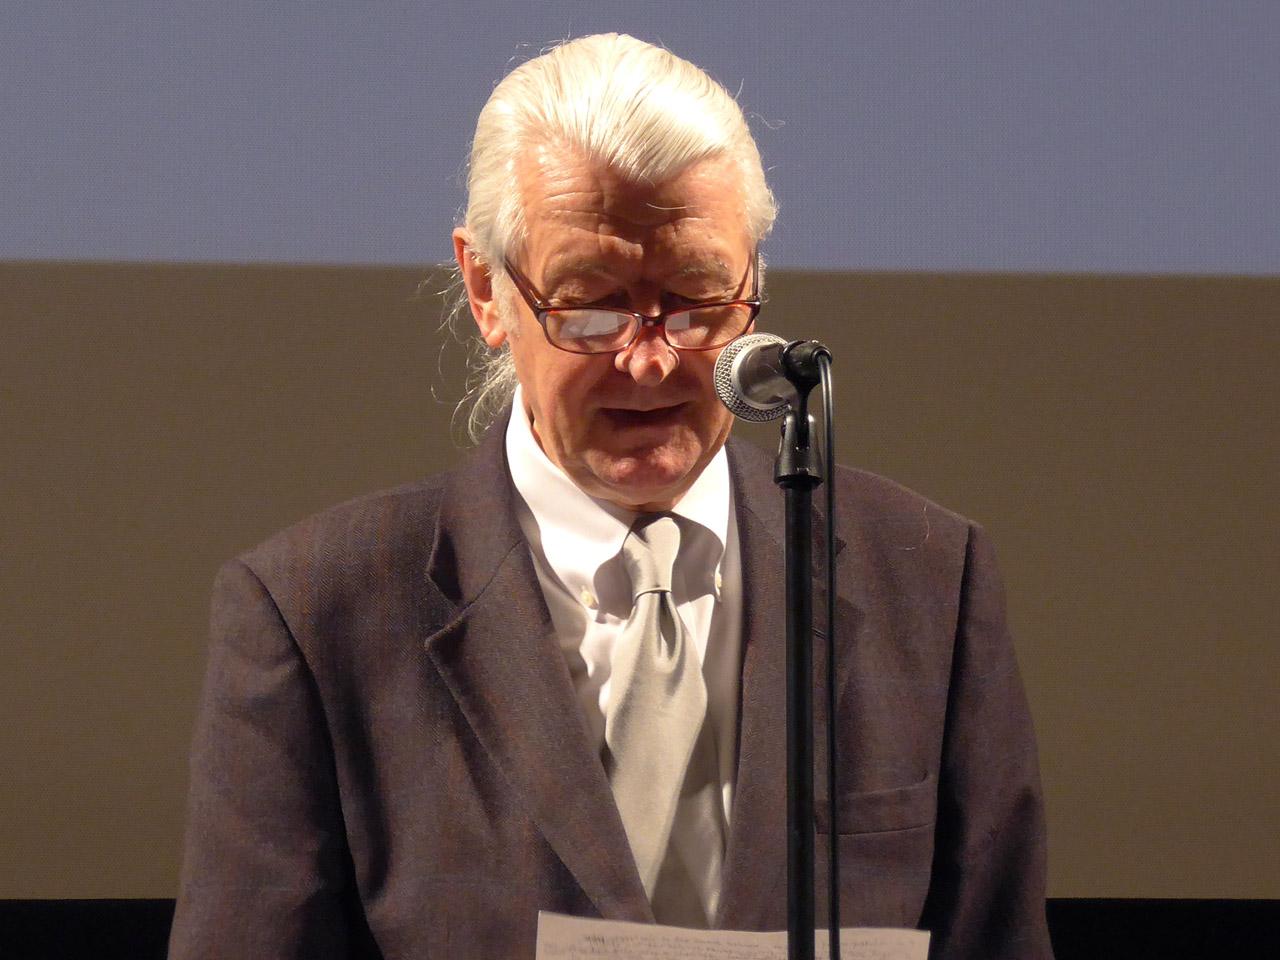 「タイプデザインコンペティション2016」の審査員長を務めたマシュー・カーター氏